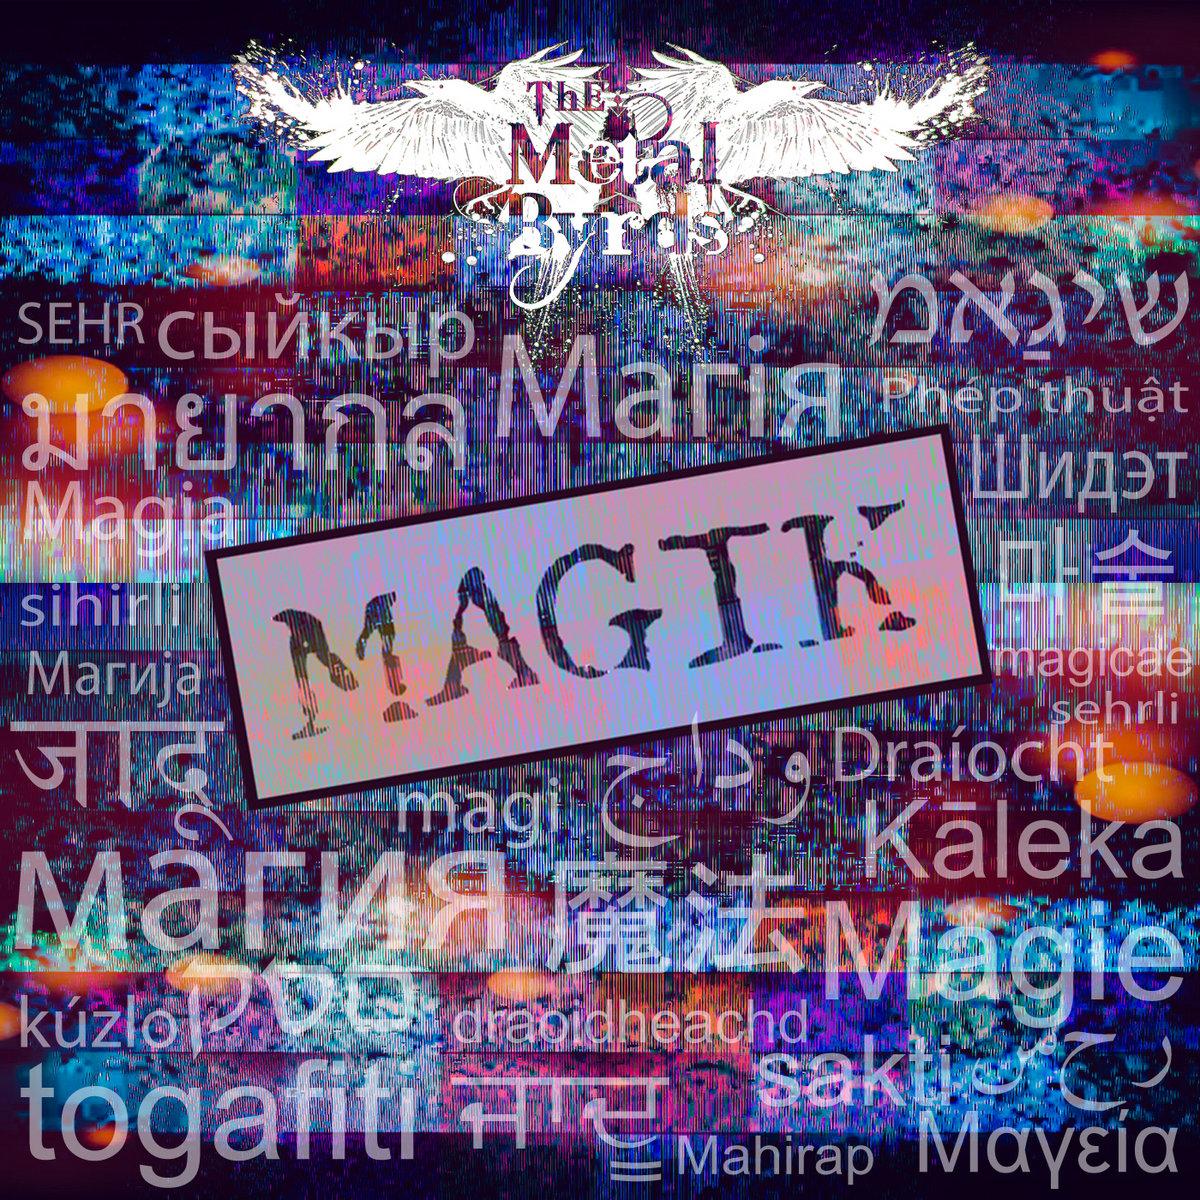 www.facebook.com/themetalbyrdsband